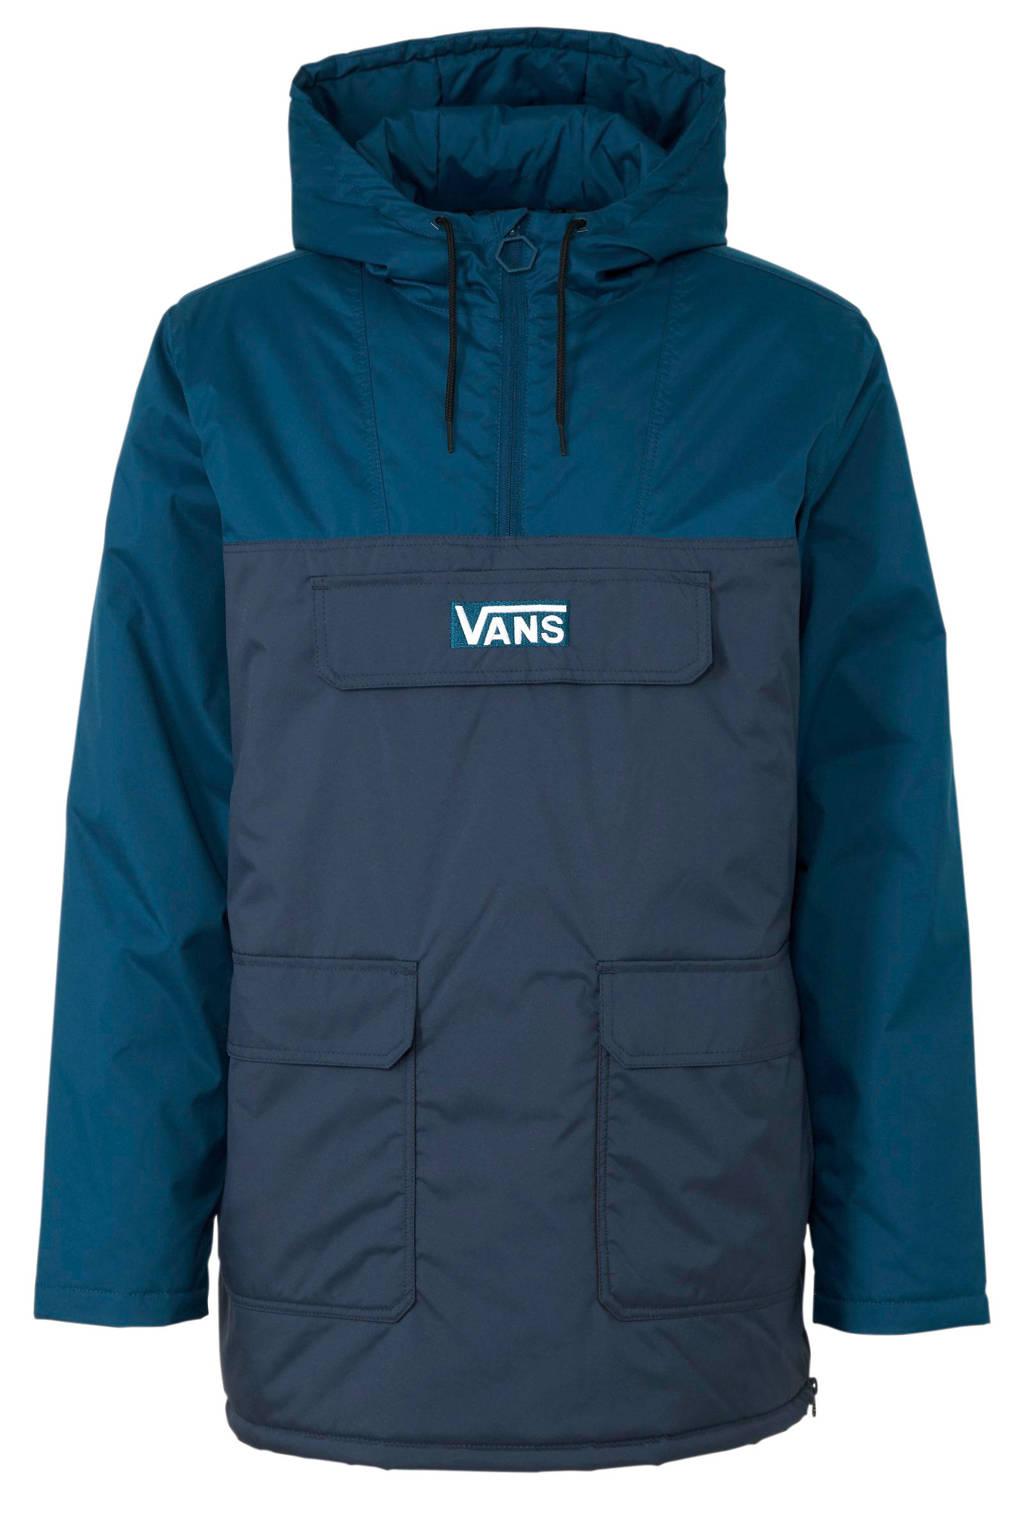 VANS winterjas petrol/donkerblauw, Petrol/donkerblauw